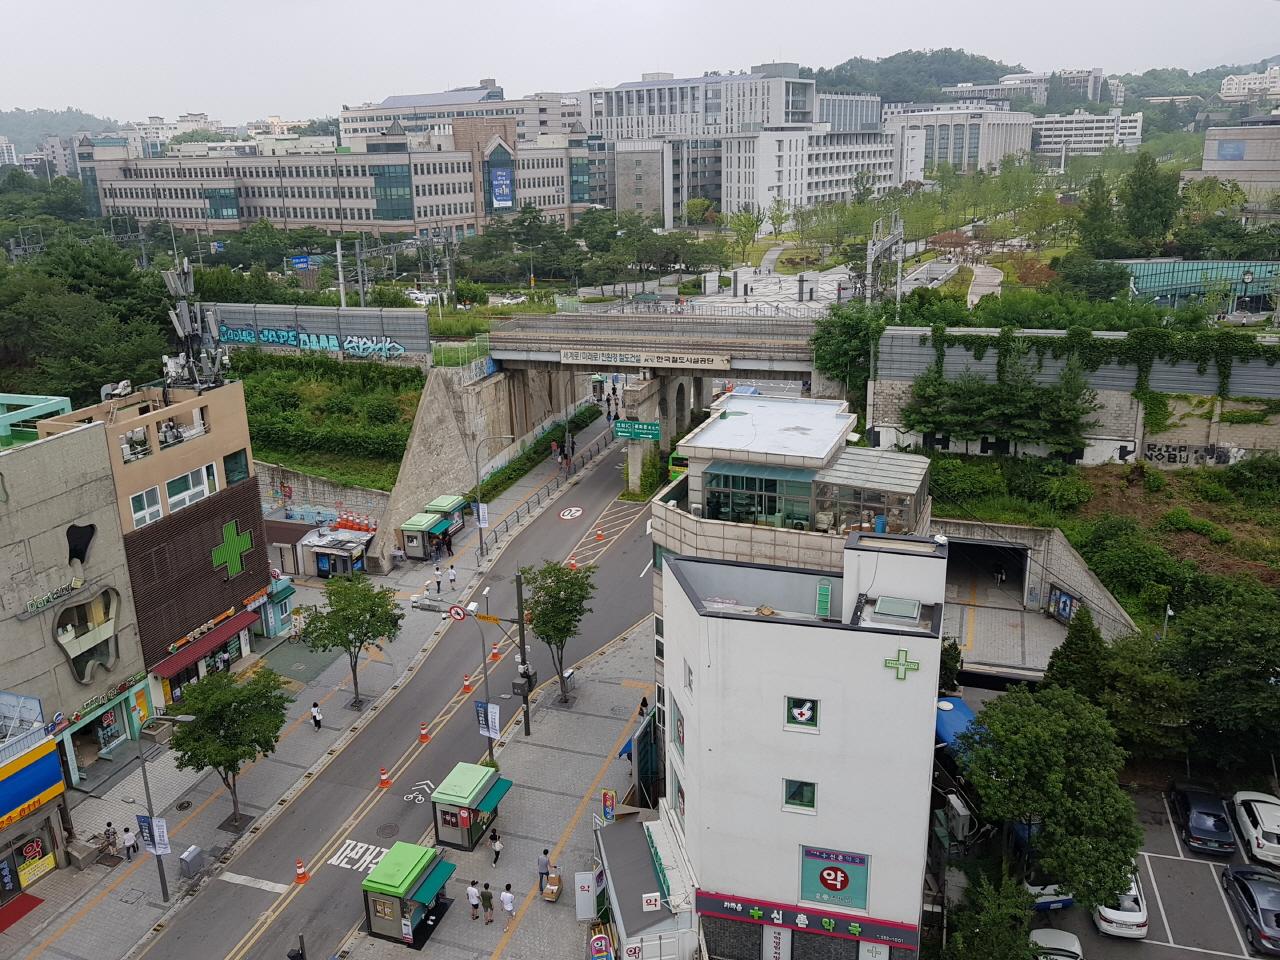 [윤기자의 콕 찍어주는 그곳] 응답하라, 90년대 청춘들이여 - 서울 신촌(新村) 거리